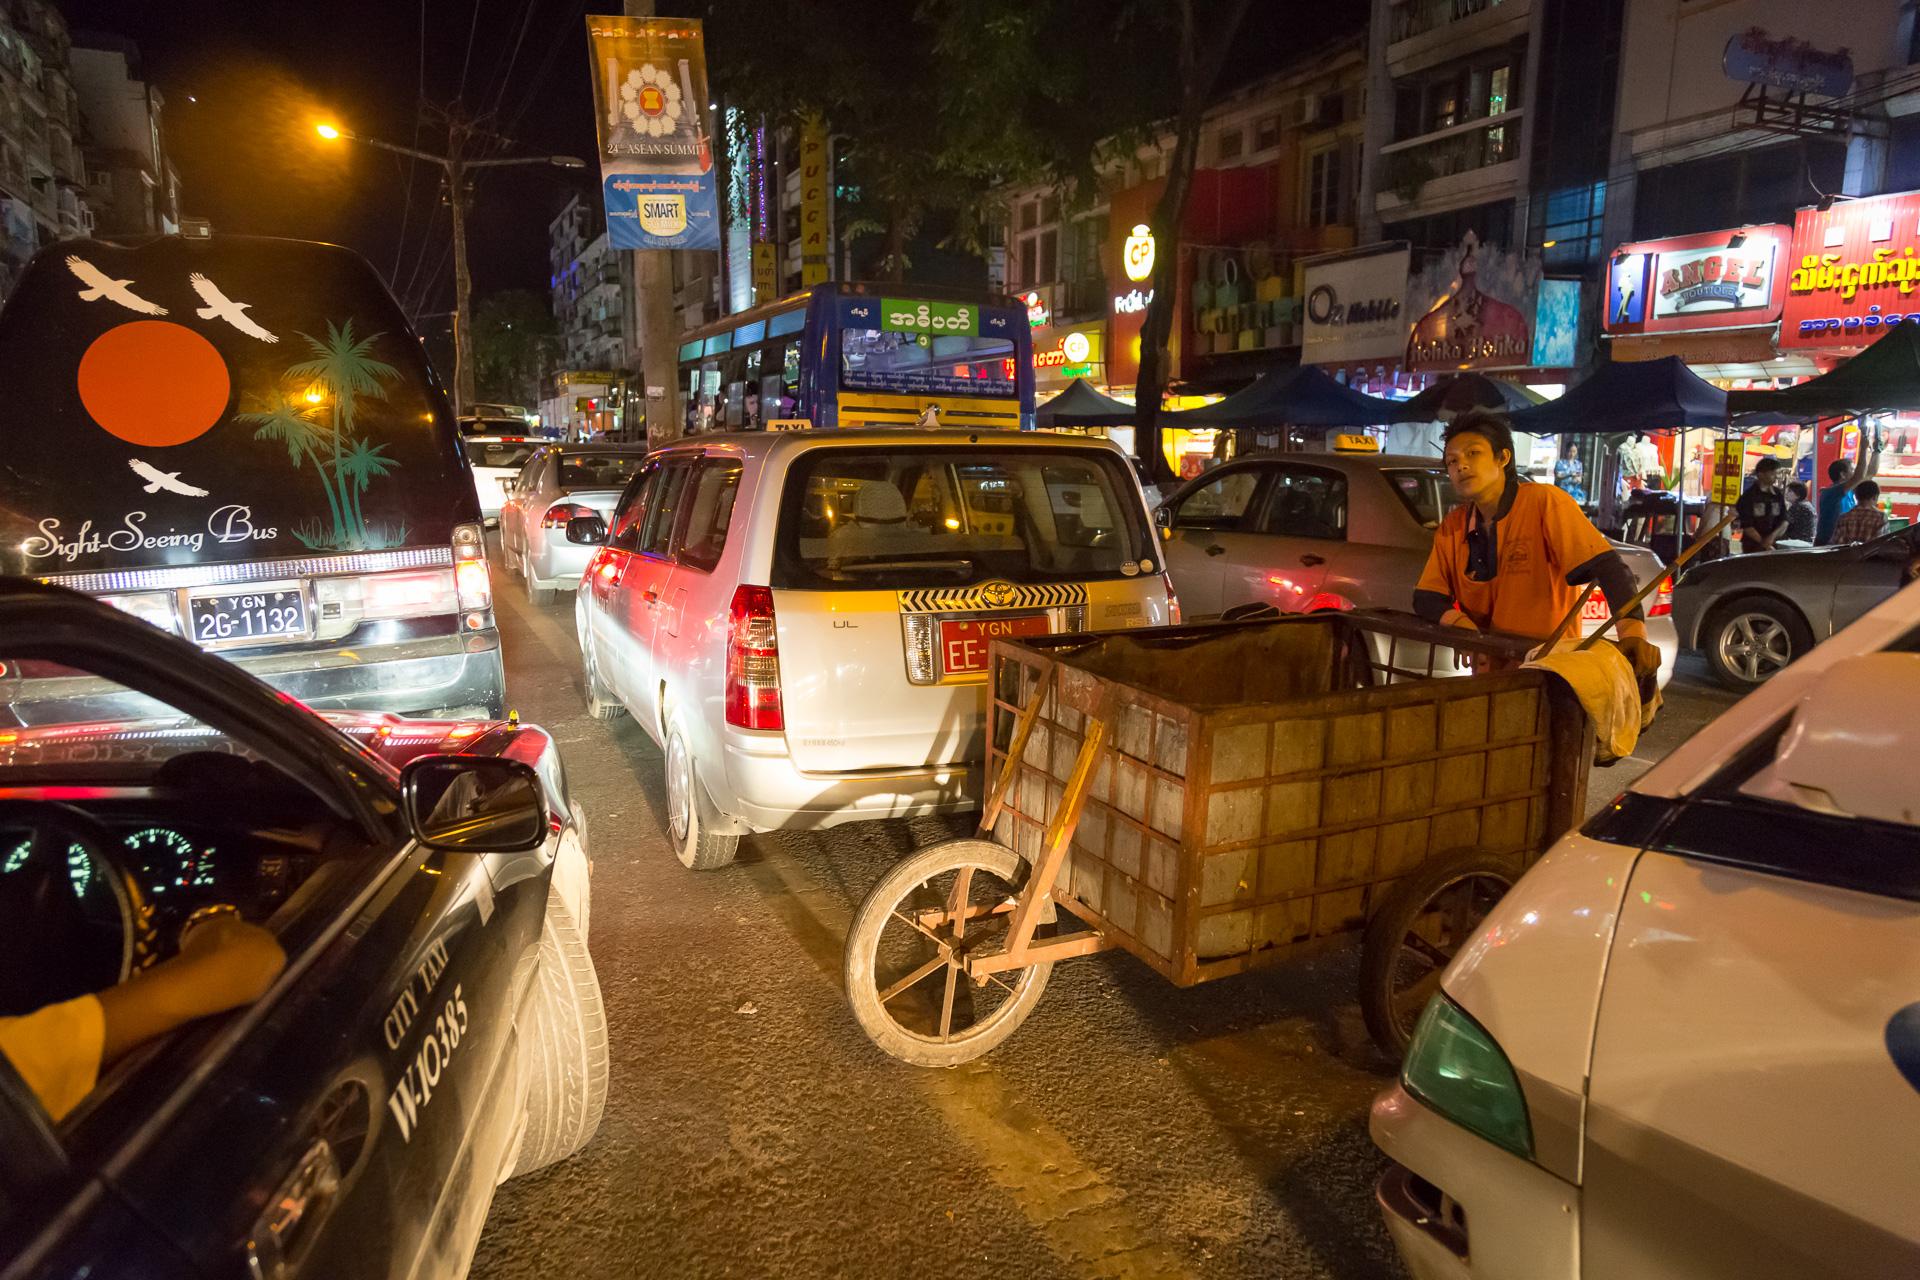 nächtliches Treiben in Yangon